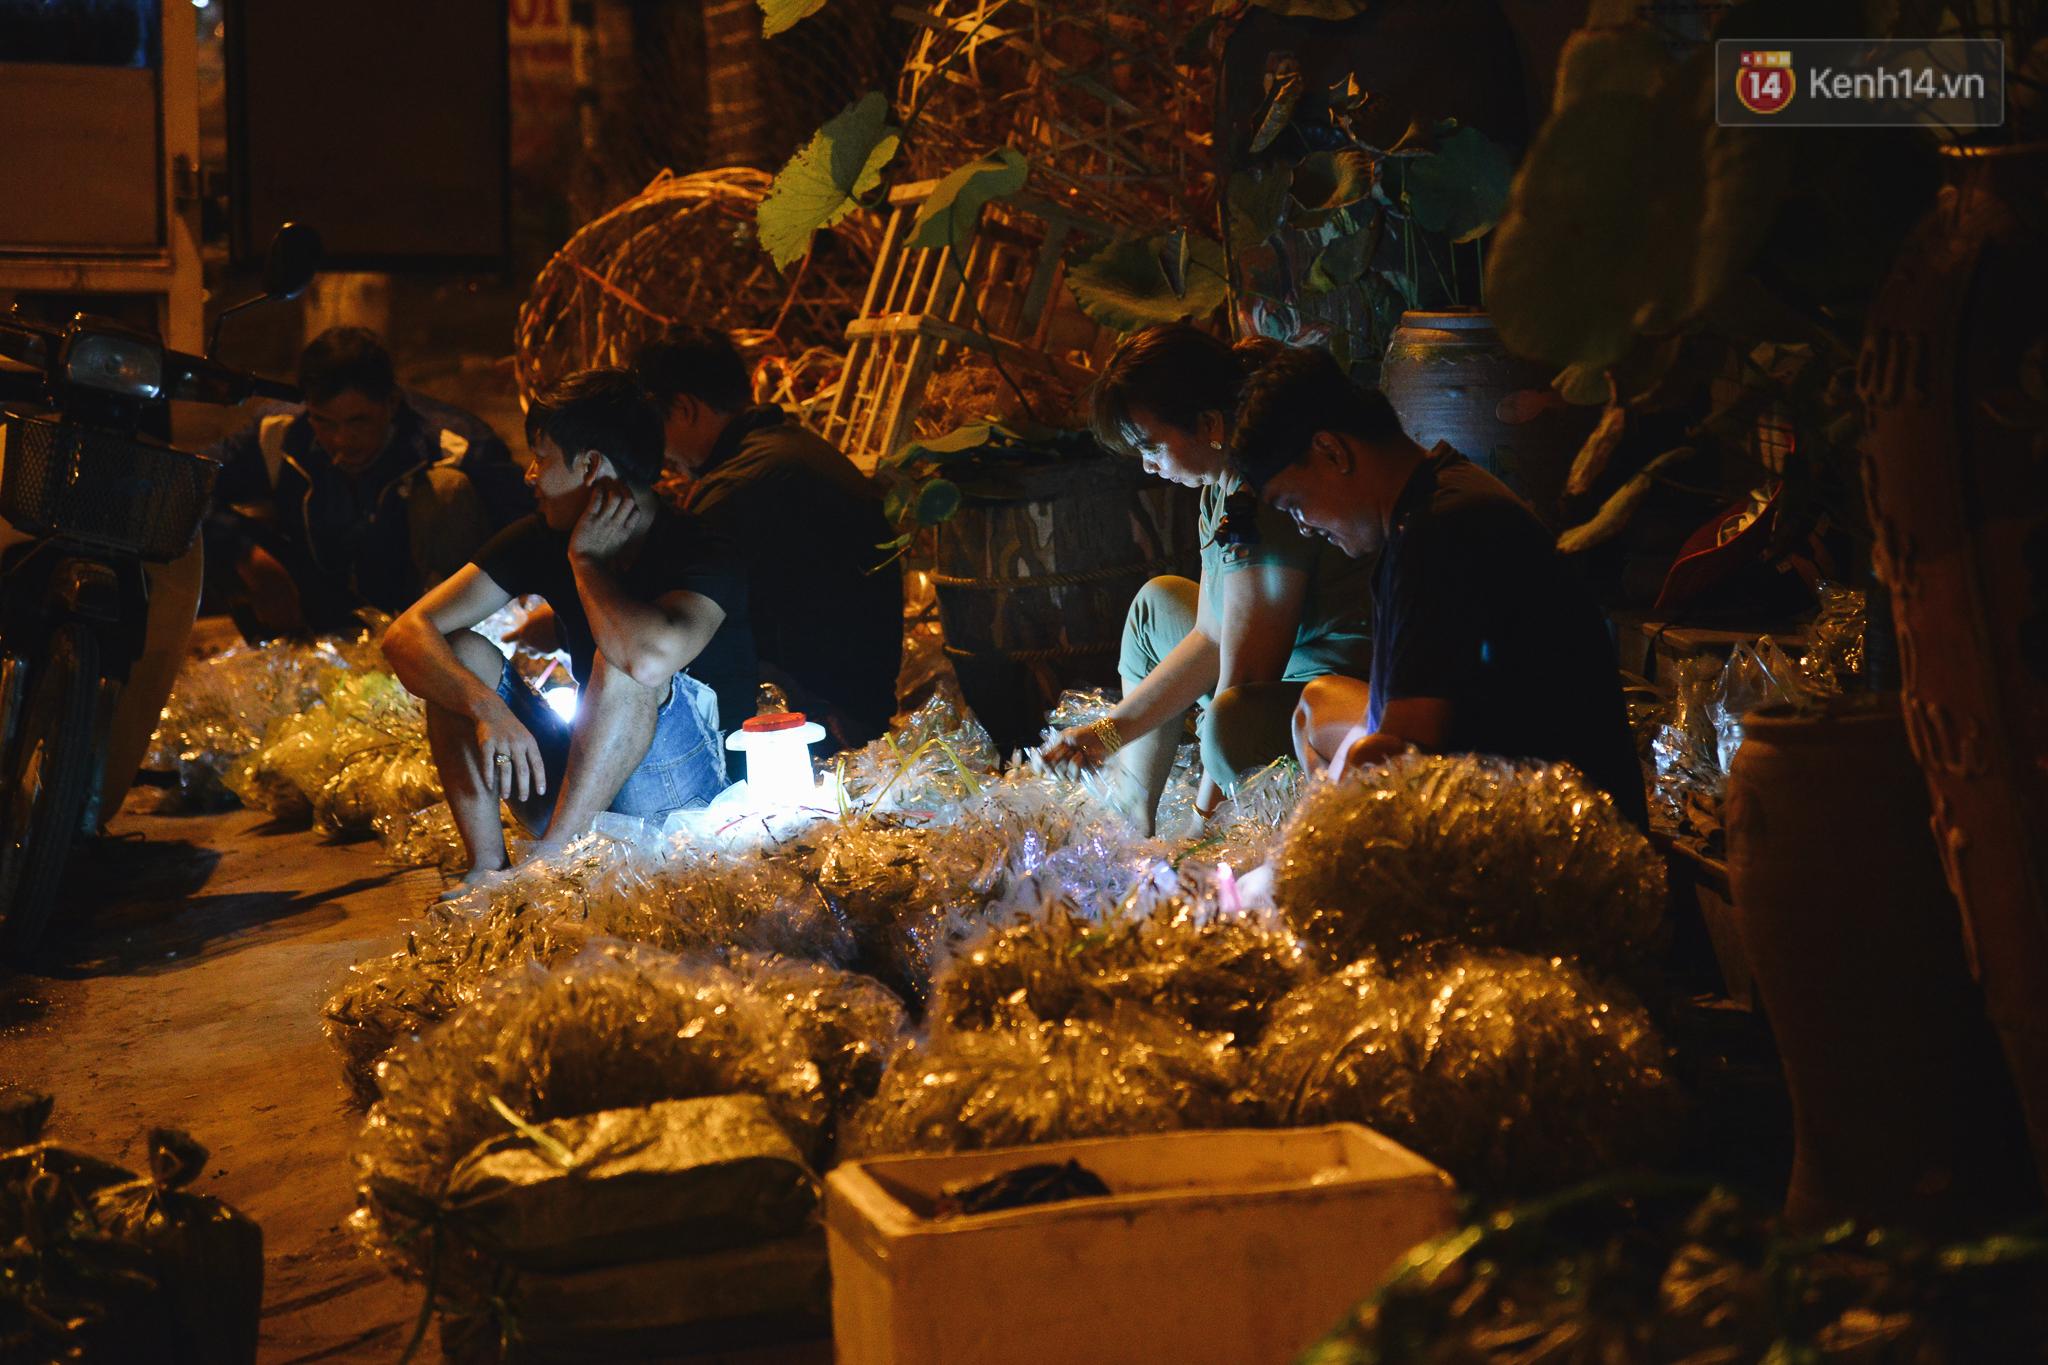 Cận cảnh chợ côn trùng độc nhất Sài Gòn, mỗi ngày chỉ họp đúng 2 tiếng lúc nửa đêm - Ảnh 5.